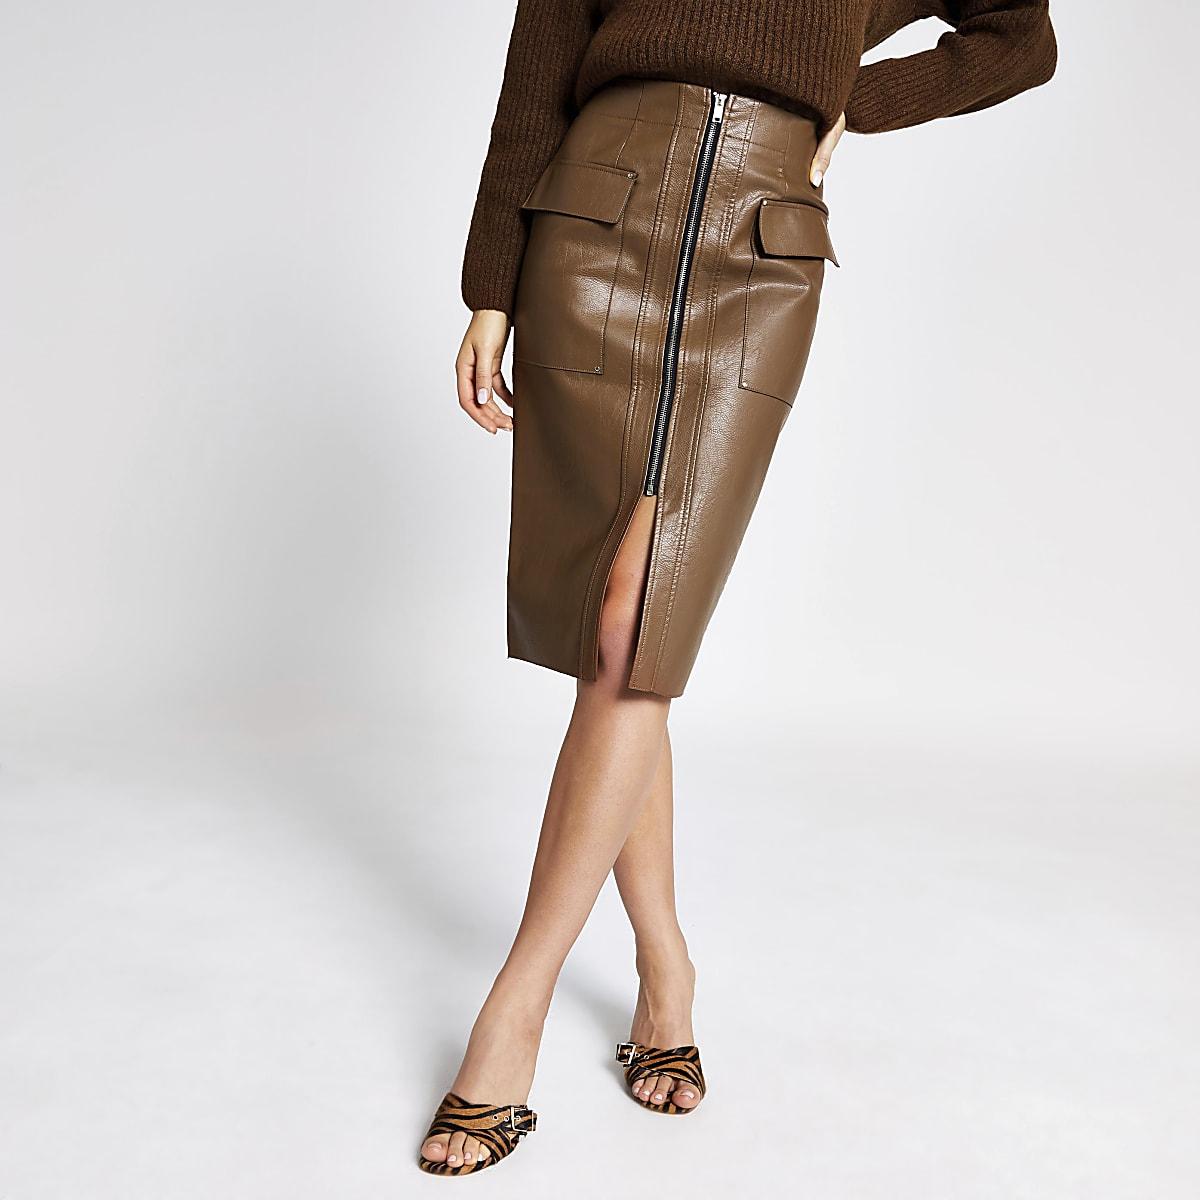 fa025e1f5e Brown faux leather utility pencil skirt